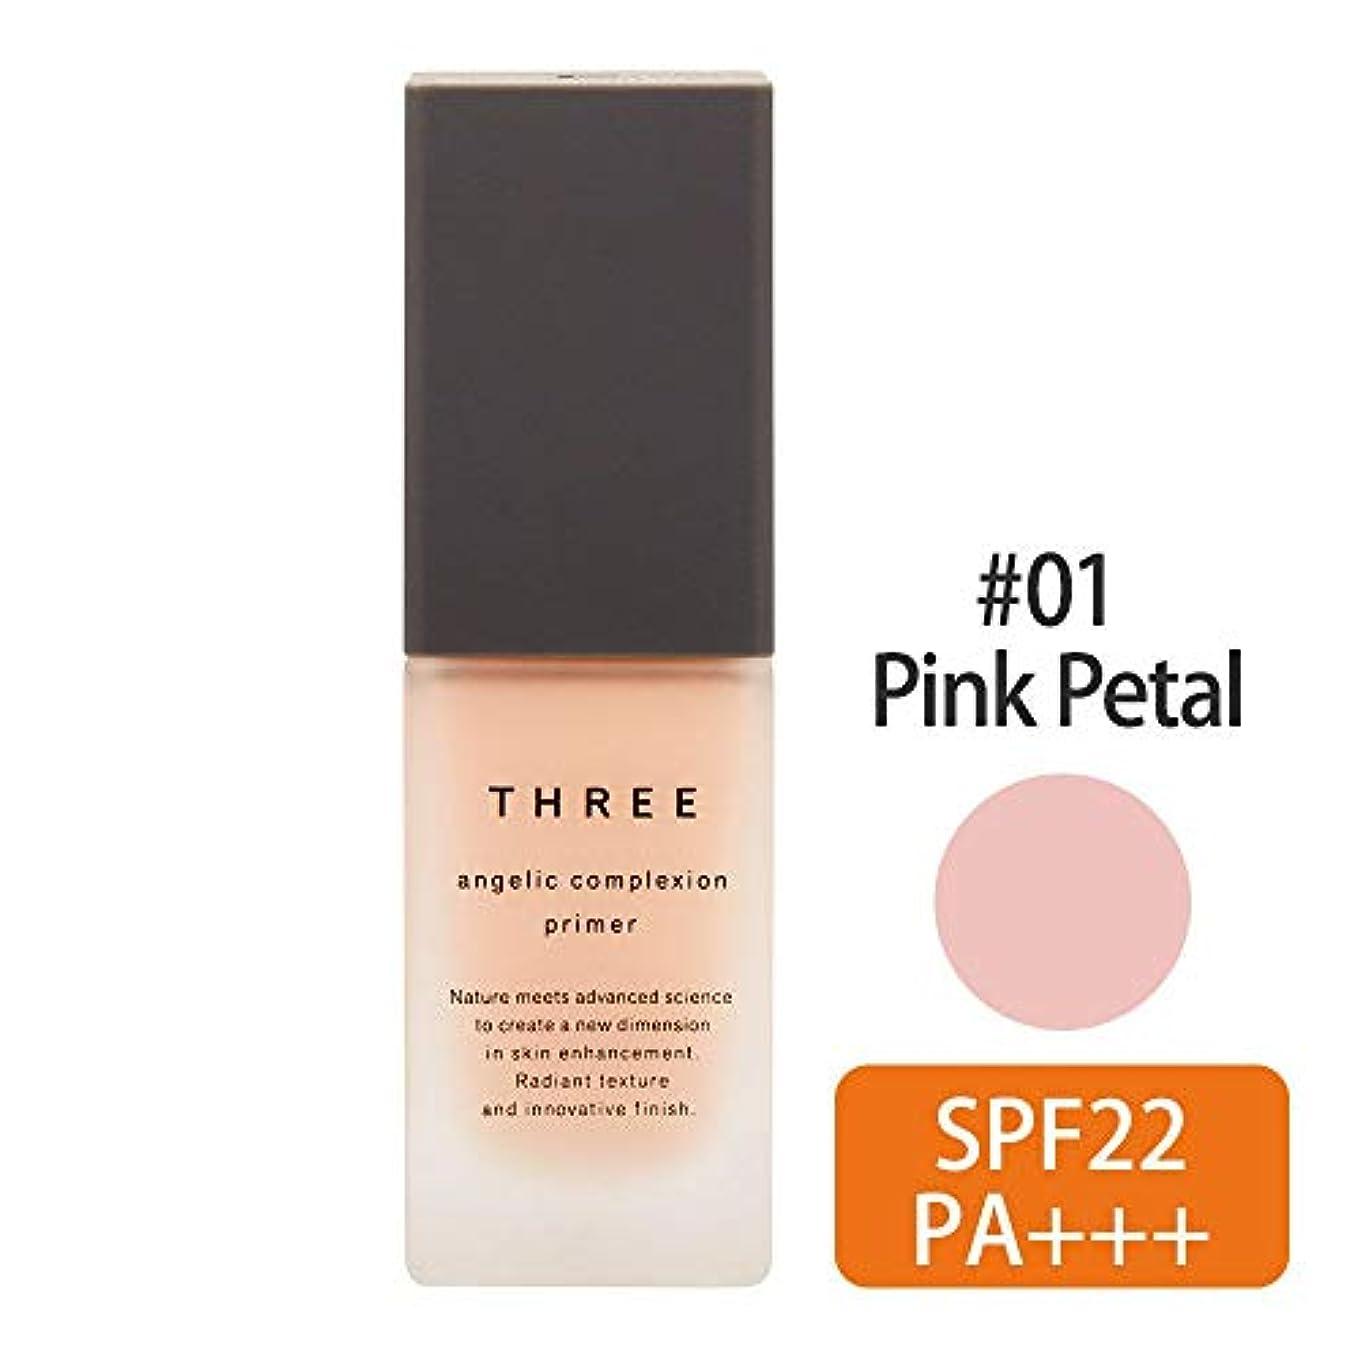 兵器庫バトル防止スリー(THREE) THREE アンジェリックコンプレクションプライマー #01(Pink Petal) 30g [並行輸入品]